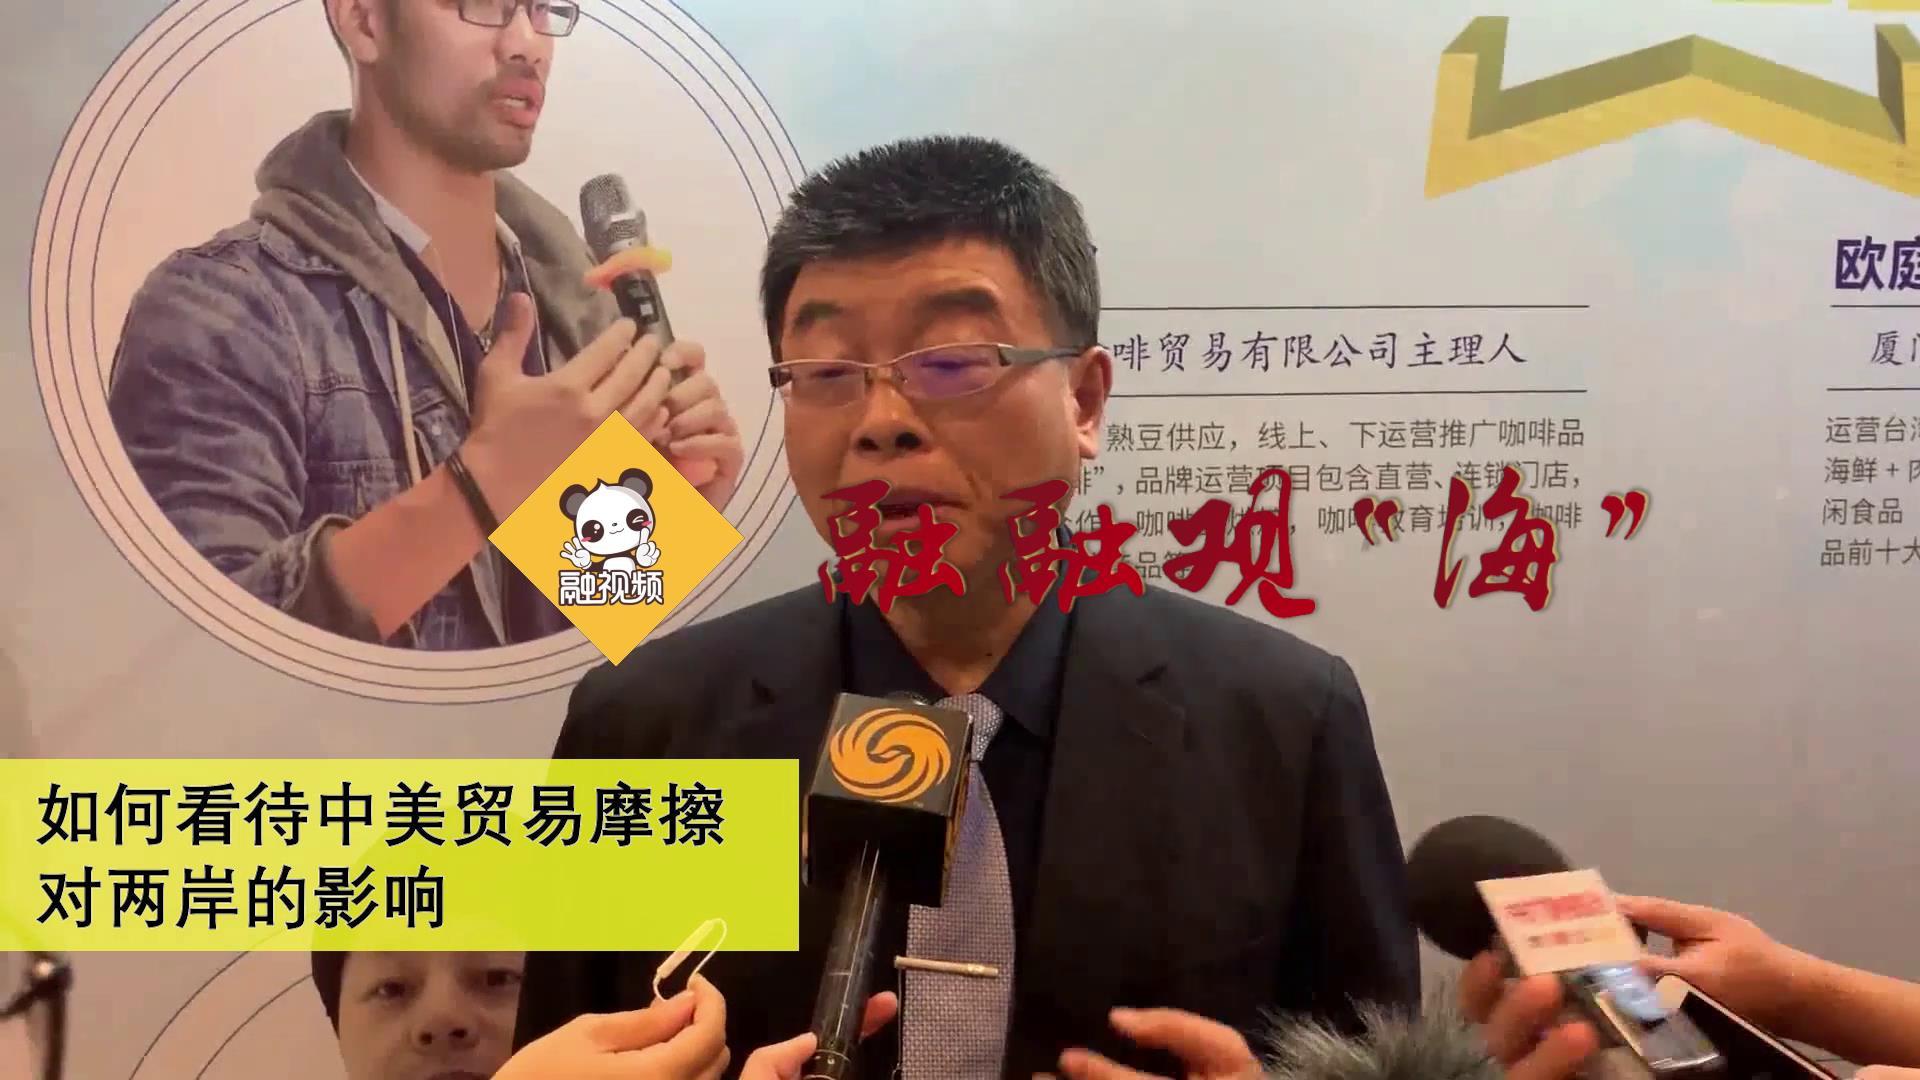 大陆小喷嚏台湾重感冒!邱毅批蔡英文对中美贸易战的错误认知图片